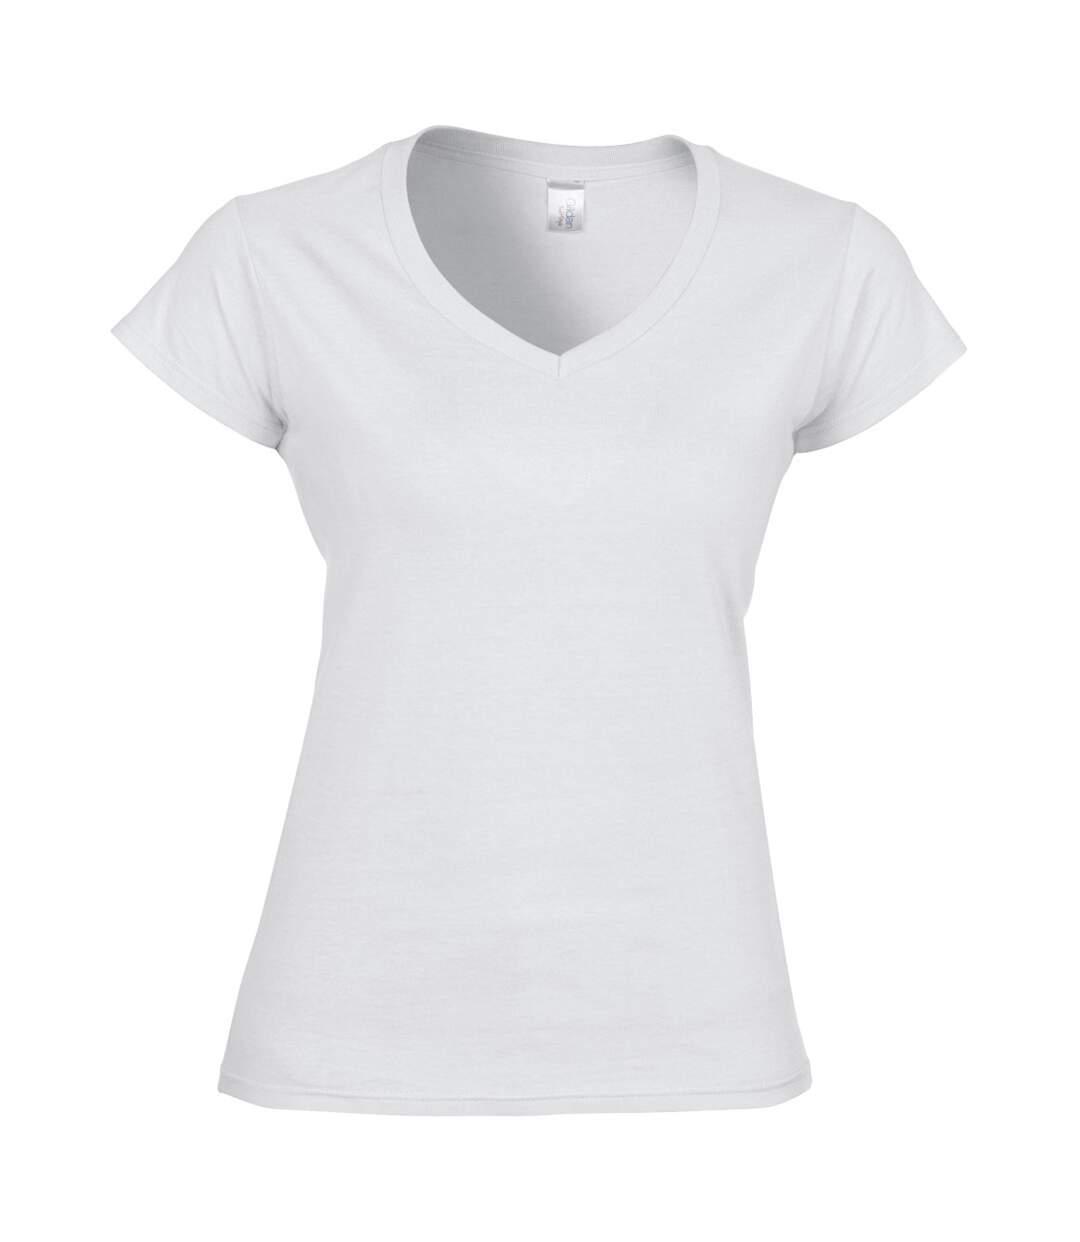 Gildan - T-Shirt À Manches Courtes Et Col En V - Femme (Blanc) - UTBC491